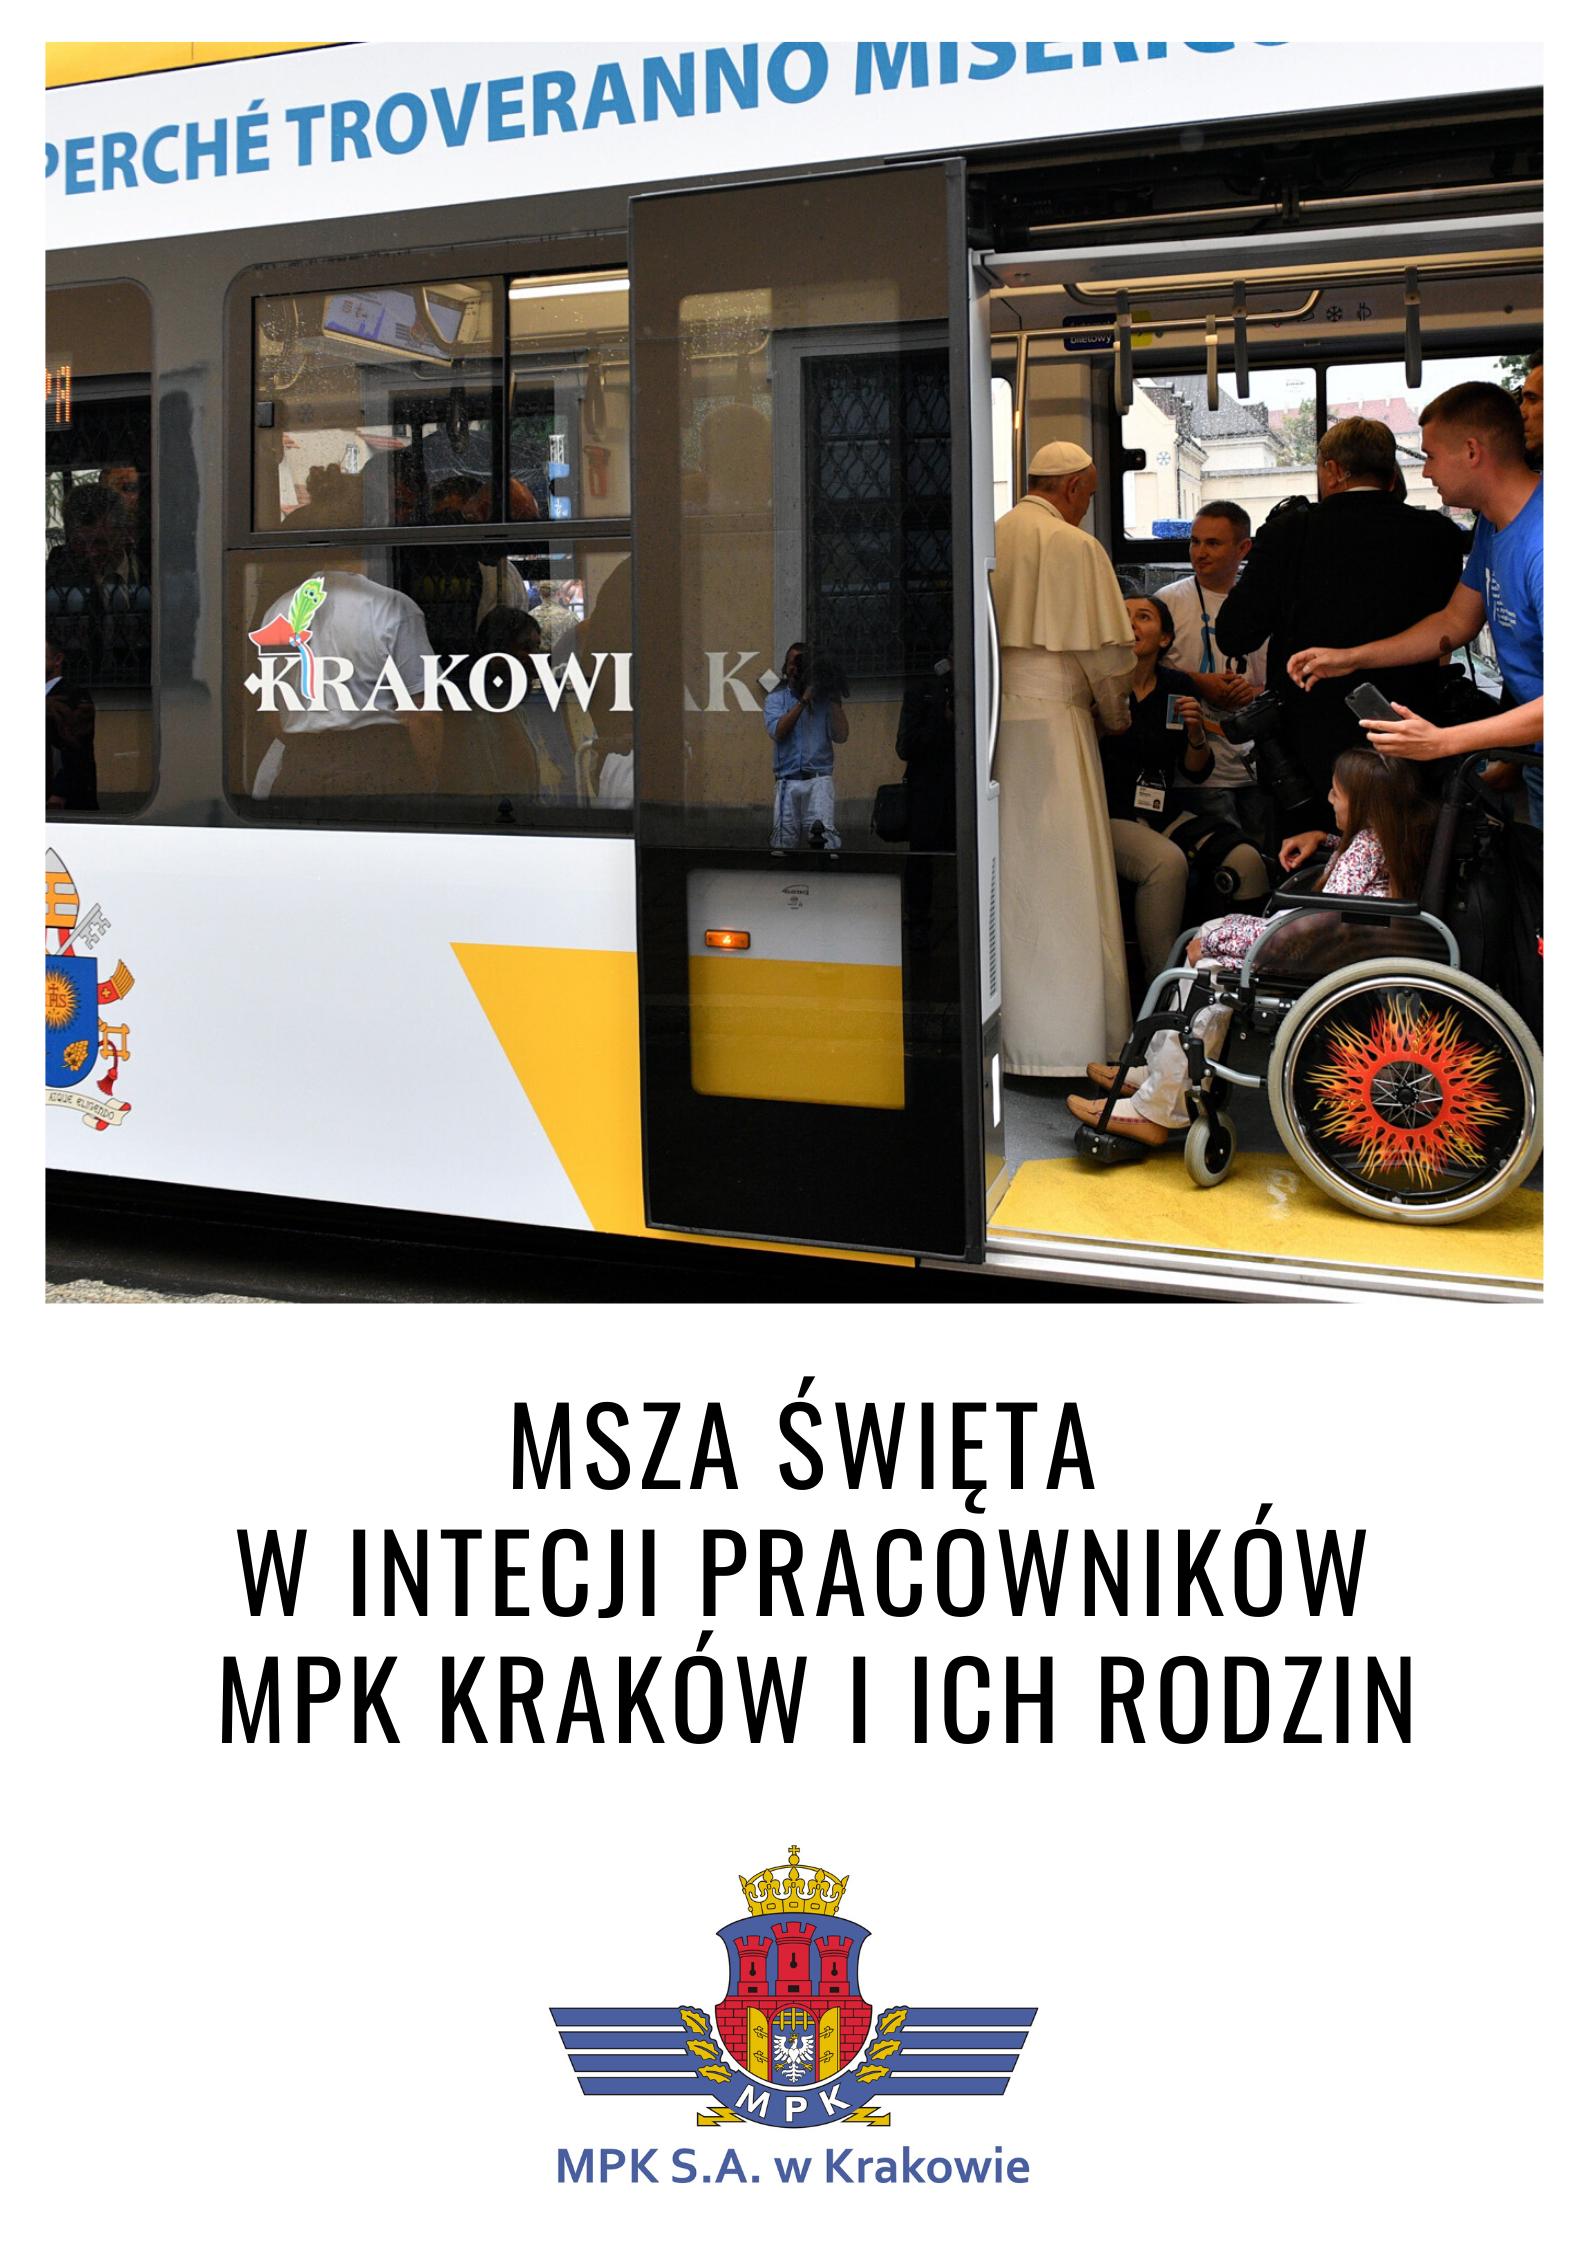 Msza św. w intencji pracowników MPK Kraków i ich rodzin